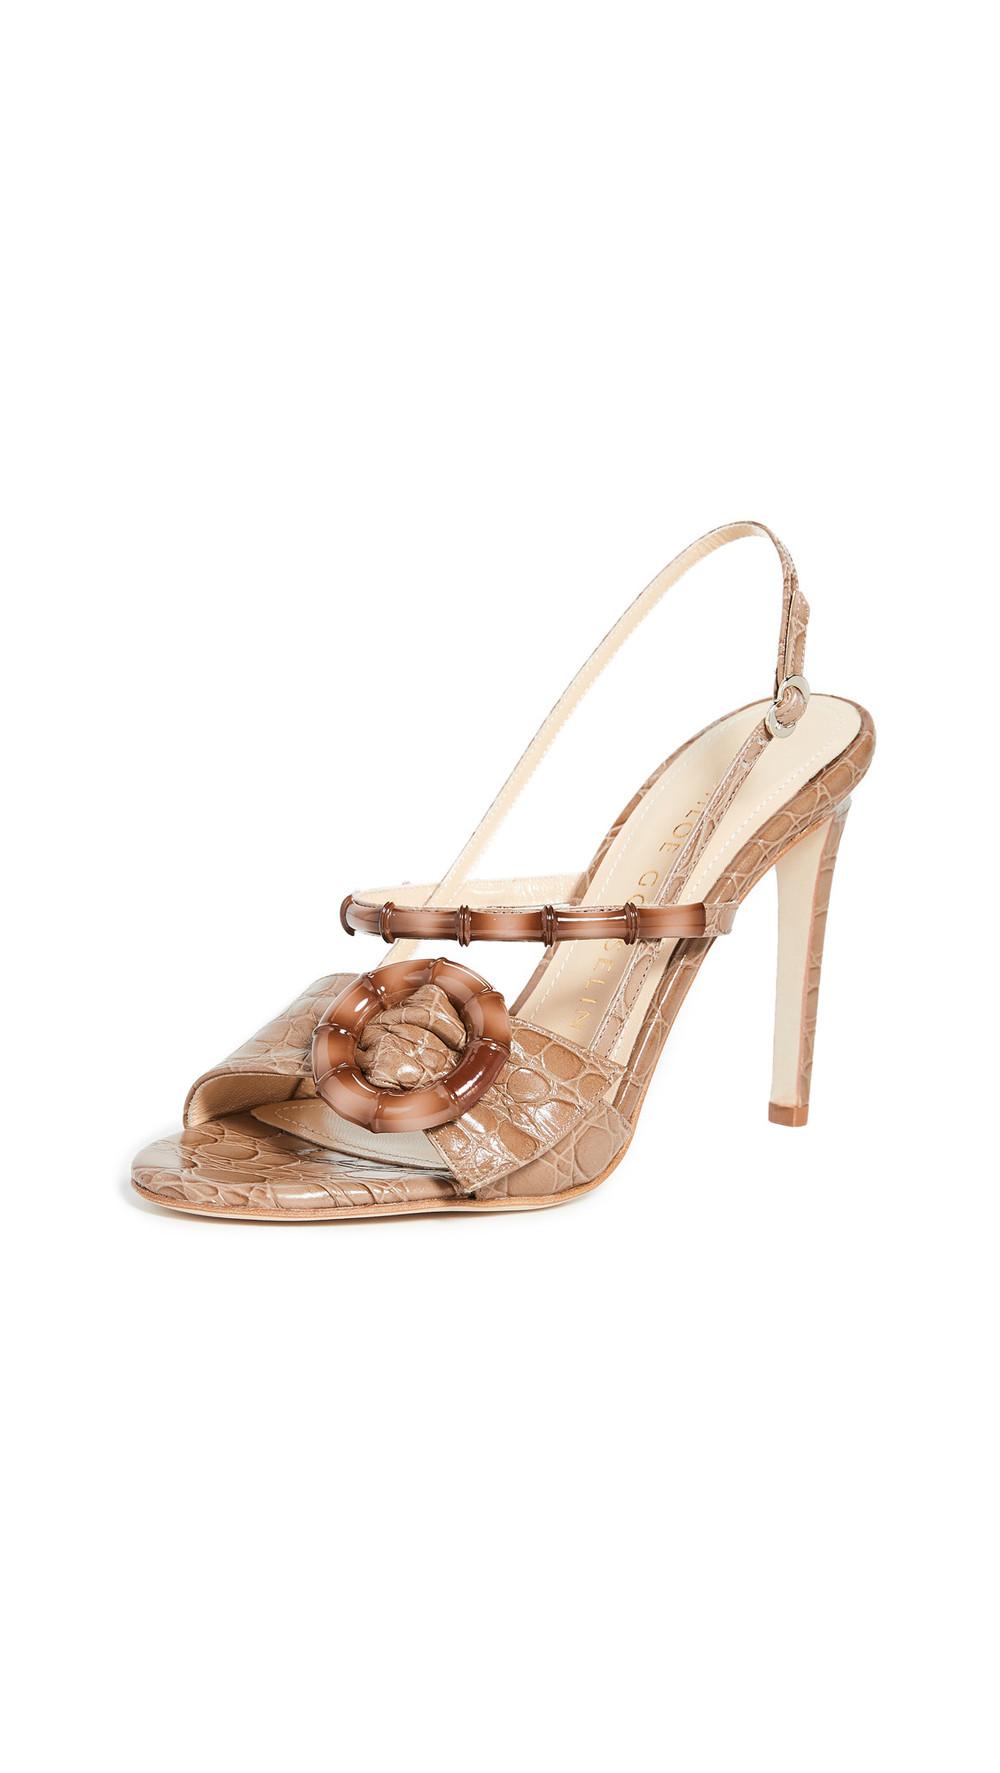 Chloe Gosselin Celeste Open Toe Sandals in taupe